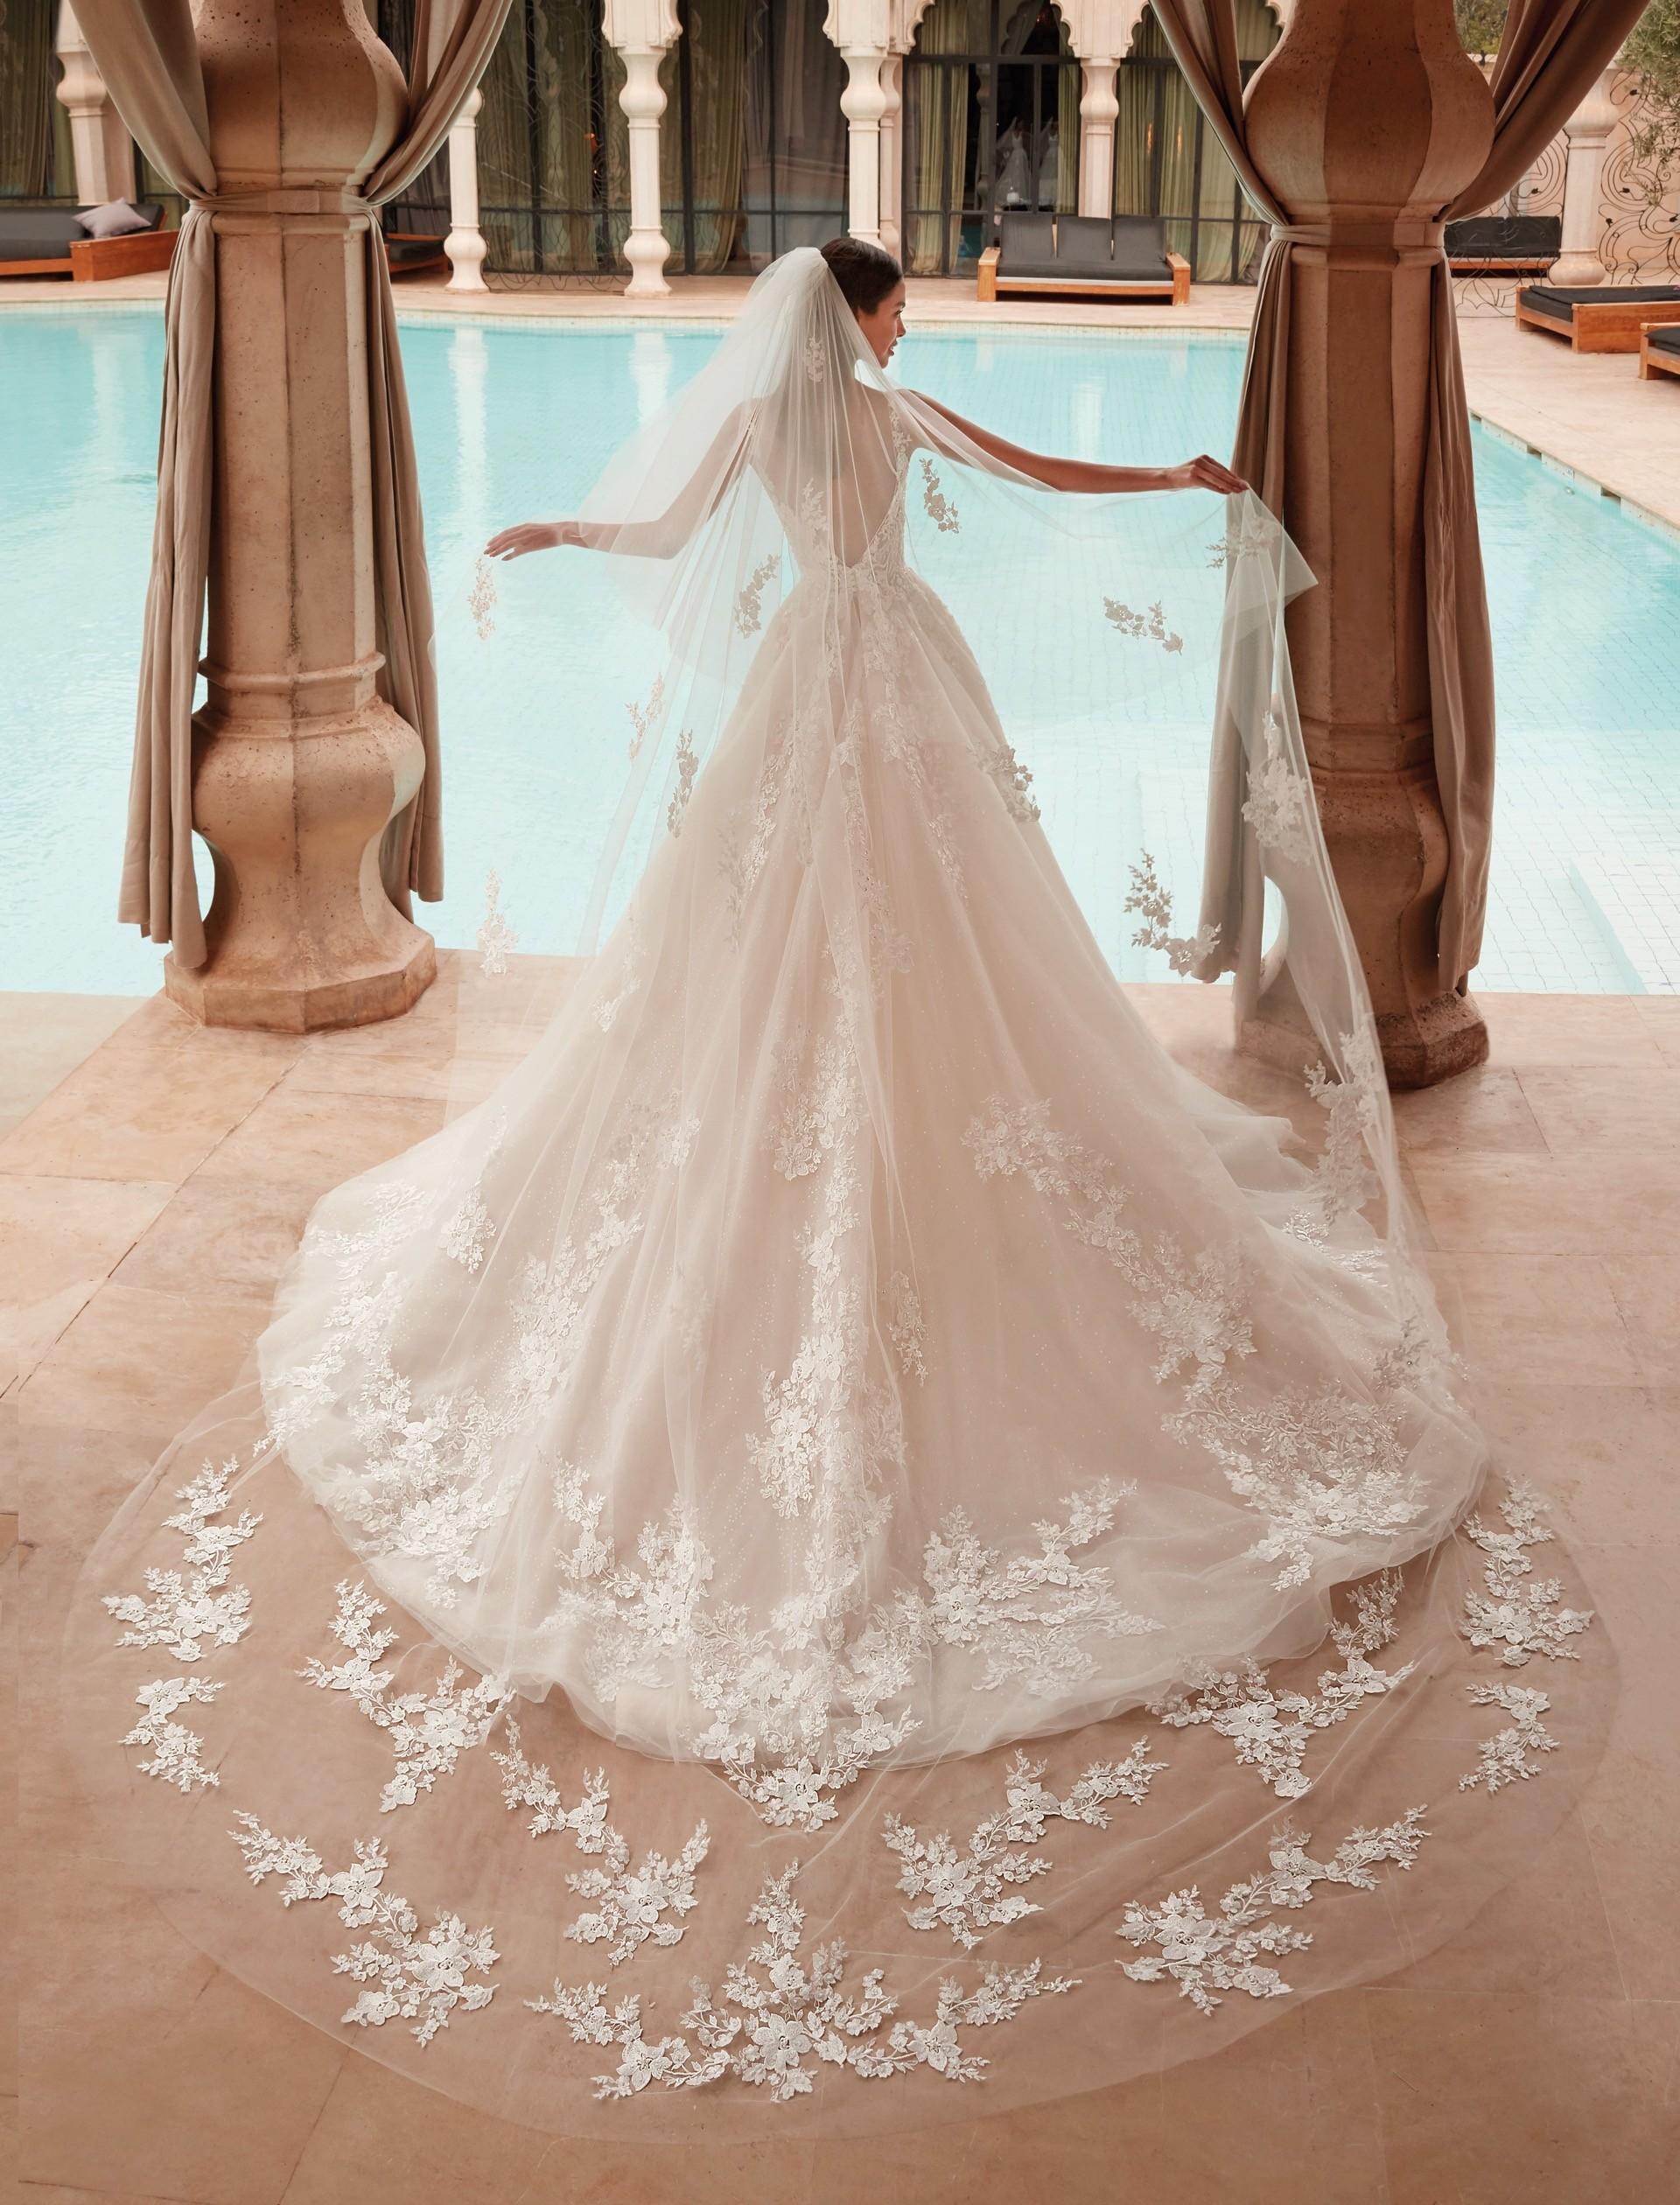 Prinzess-Brautkleid mit tiefem Rückenausschnitt, Schleppe und Schleier von Demetrios, Modell 1107